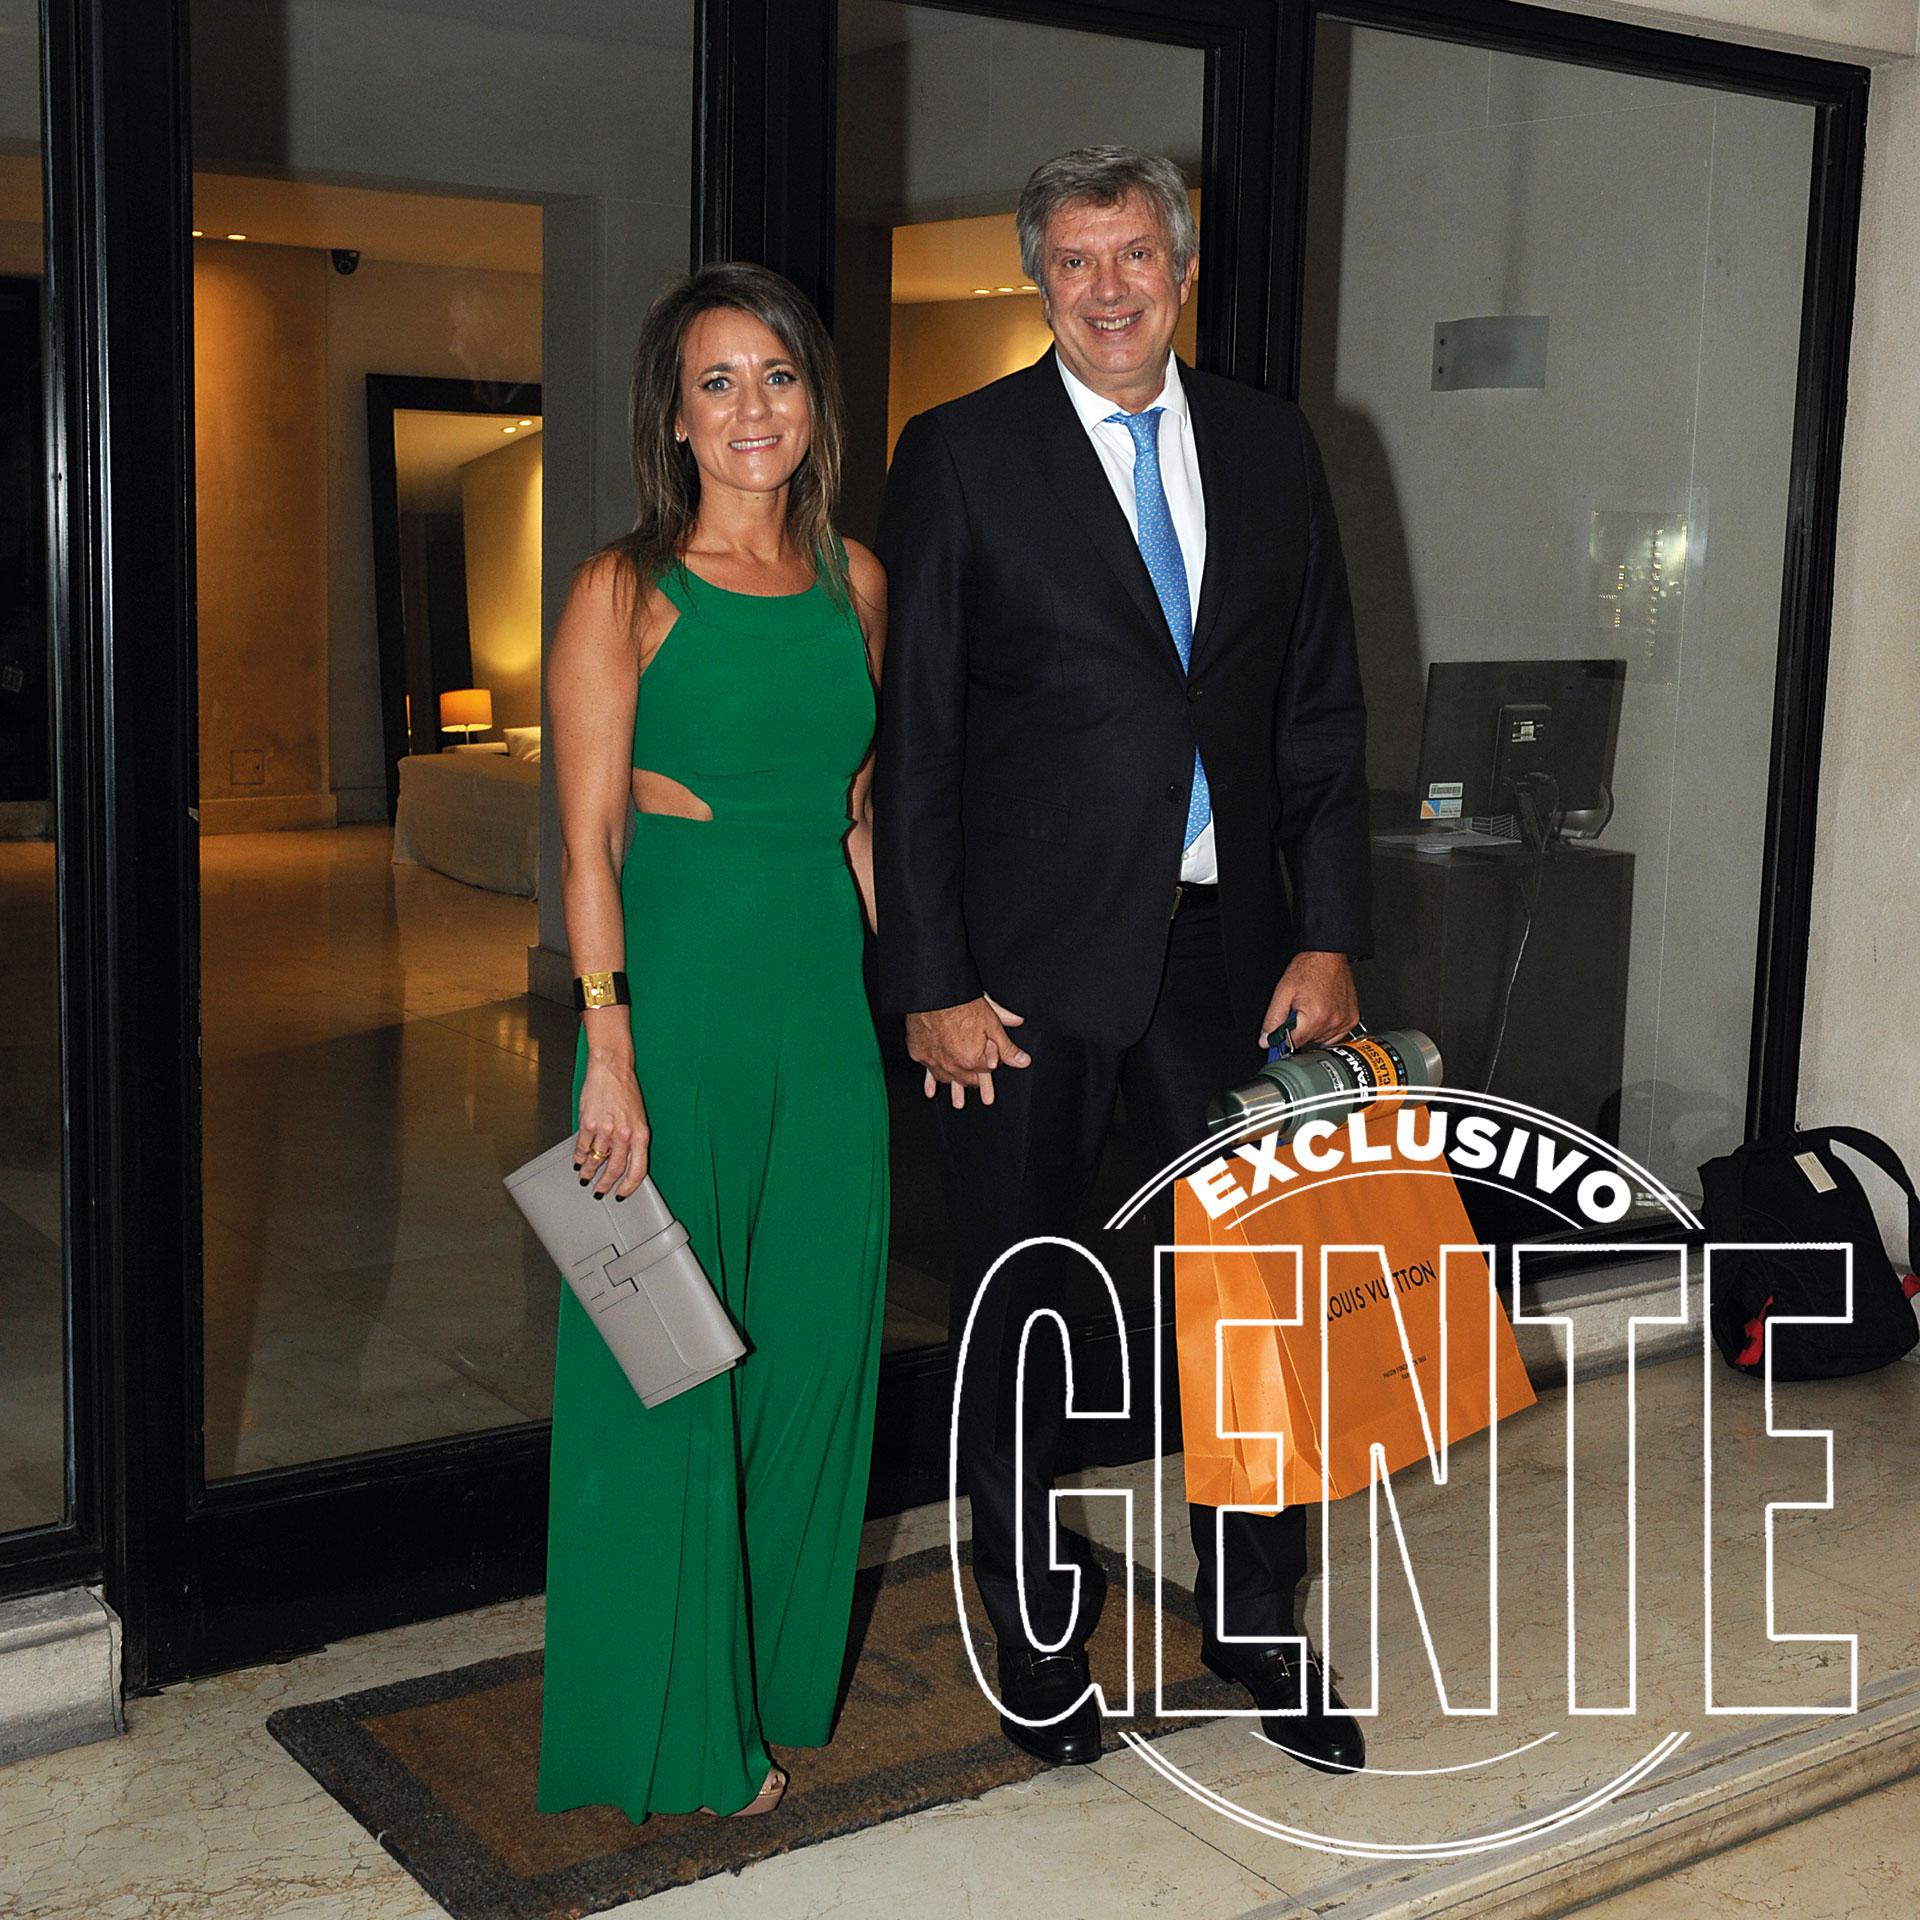 El doctor Mauricio D'Alessandro y su esposa, la abogada Mariana Gallego, con termo de regalo.